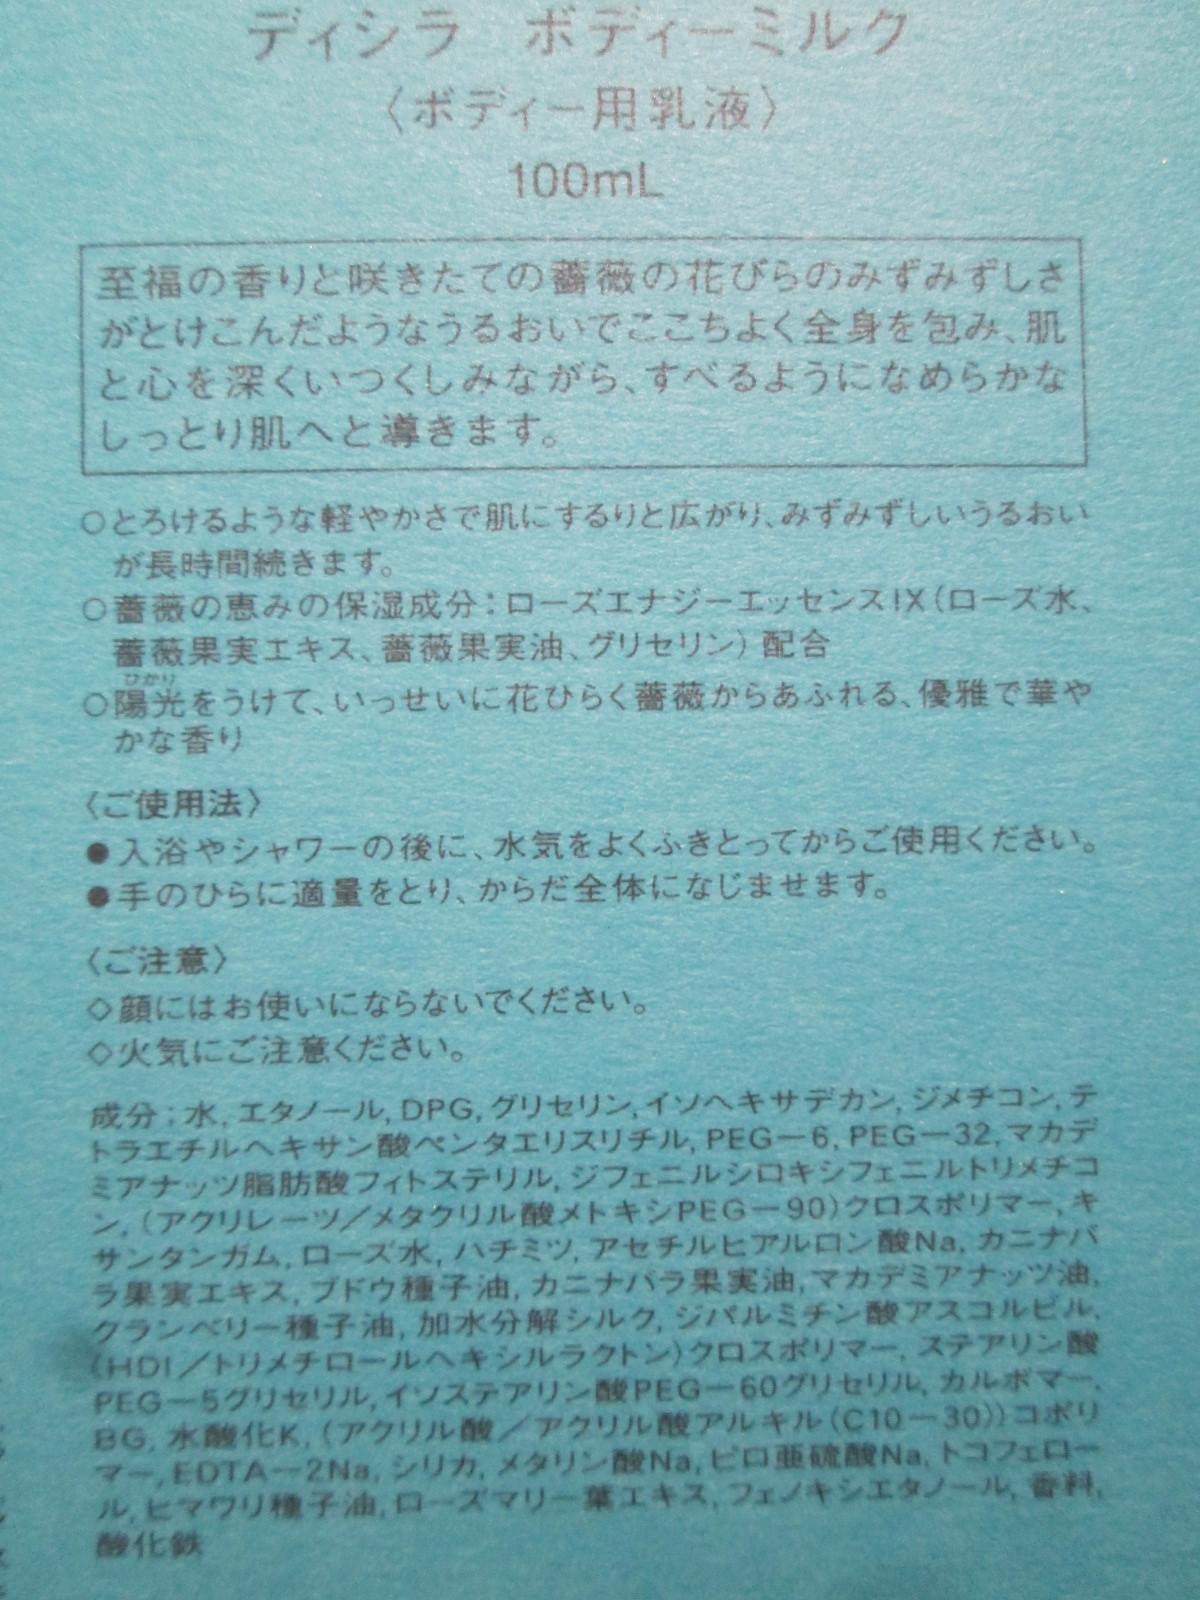 IMG_4495ディシラ (17)